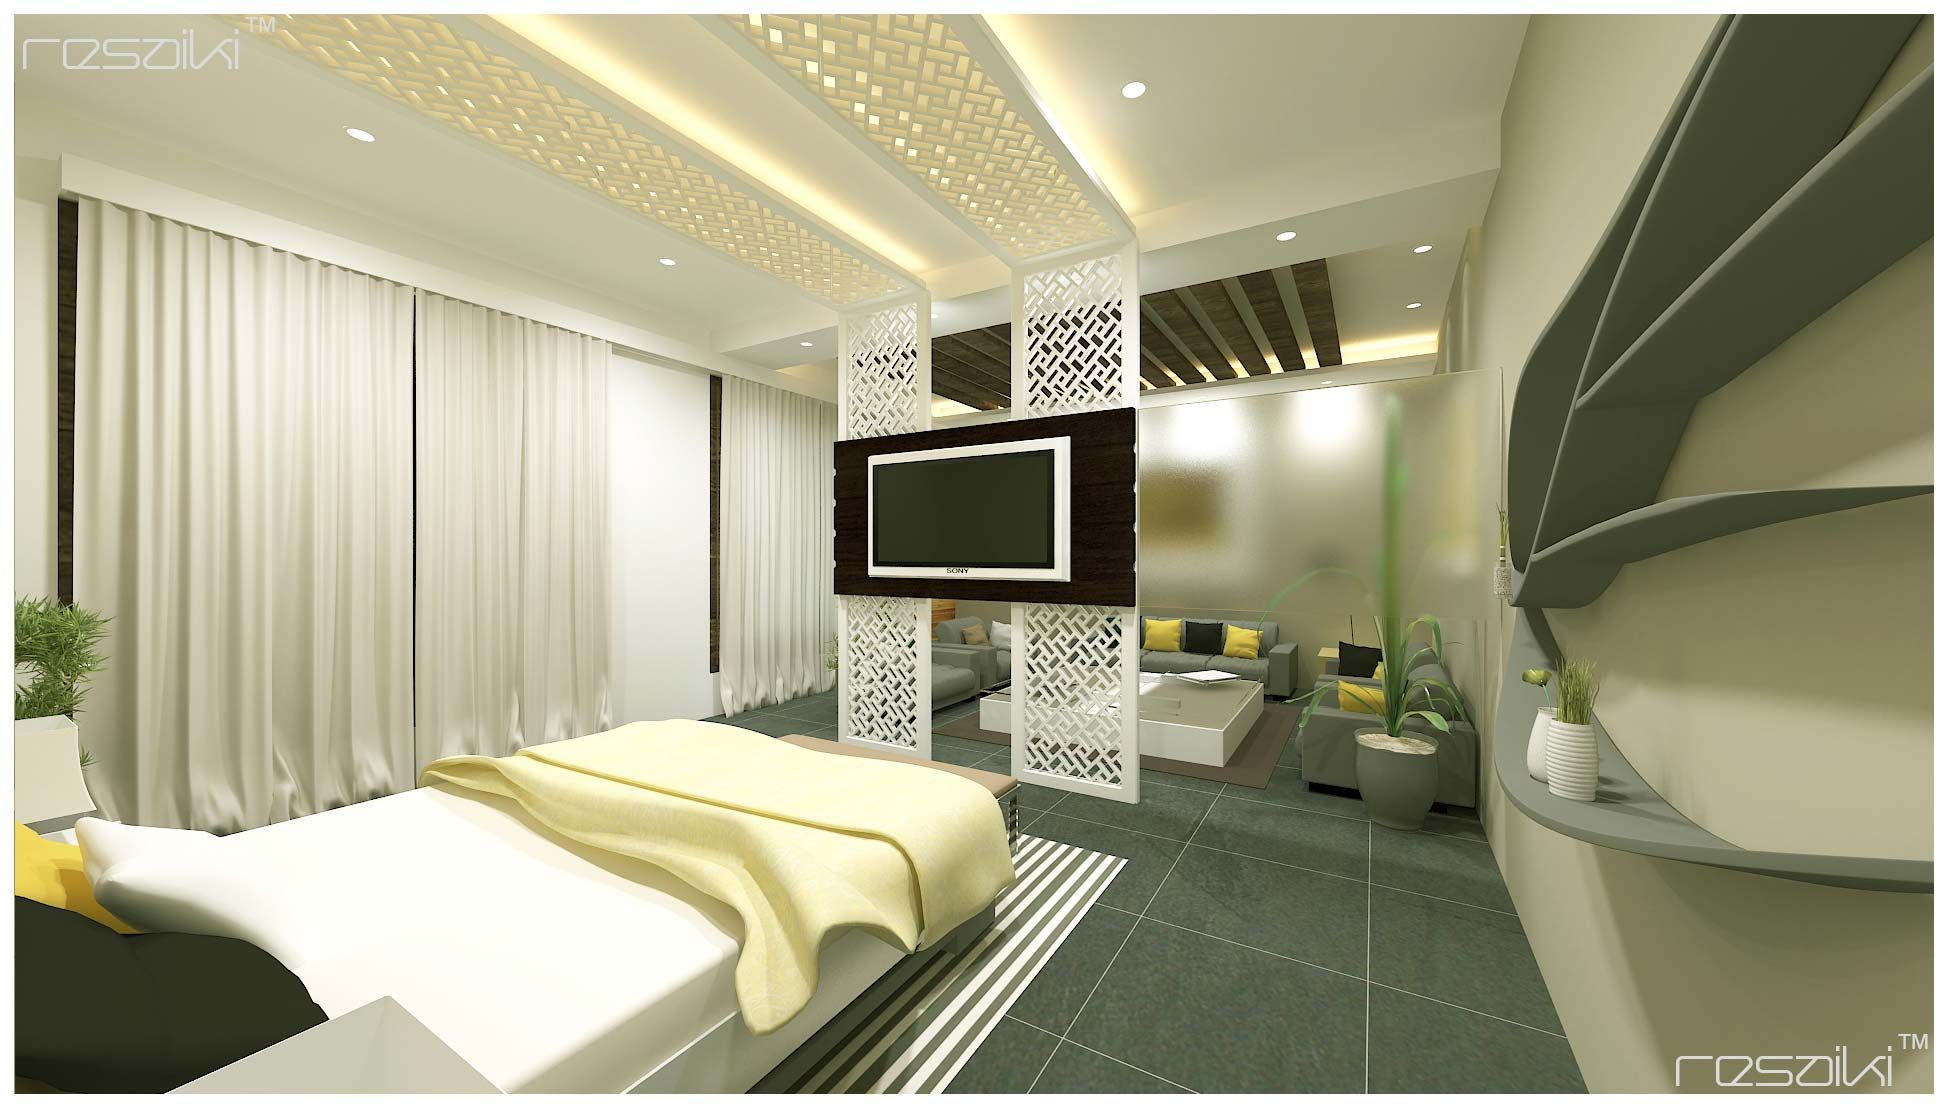 Resaiki interiors is the top  best interior designers in delhi noida gurgaon also resaikiinterior on pinterest rh